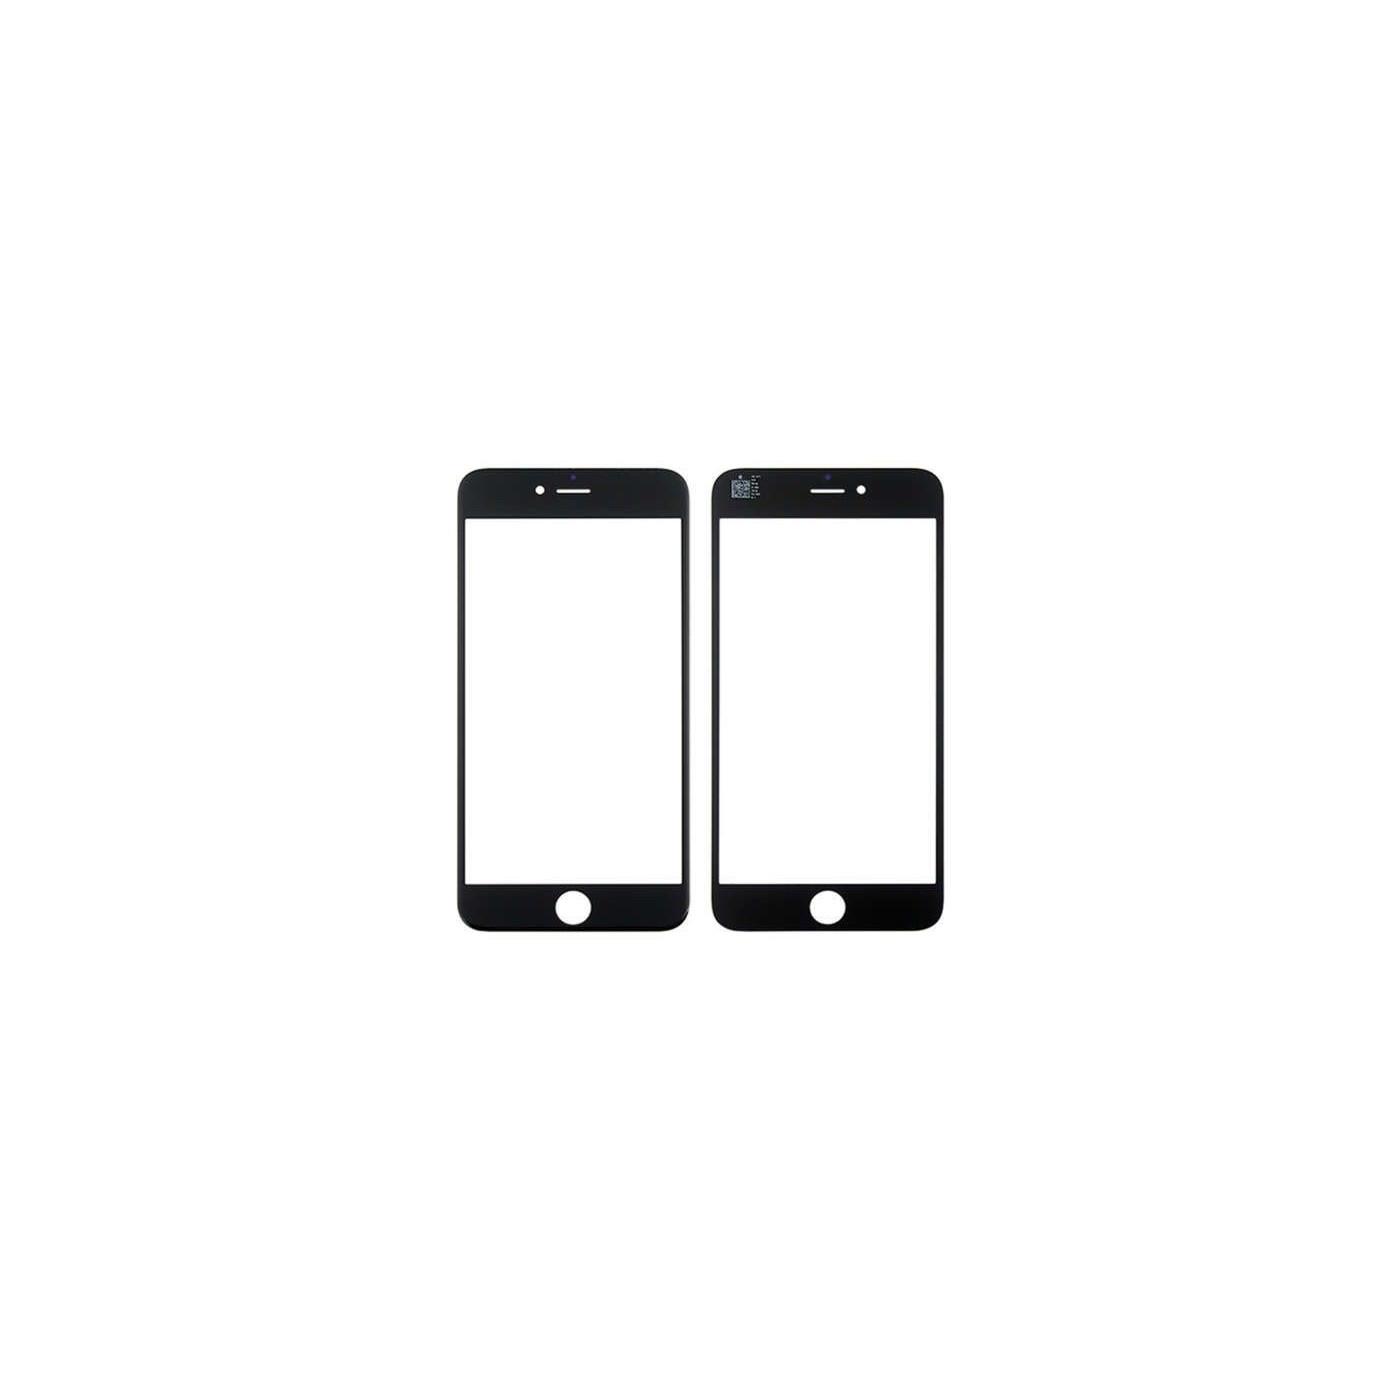 Vetro vetrino frontale per iphone 6 Plus - 6s Plus nero touch screen